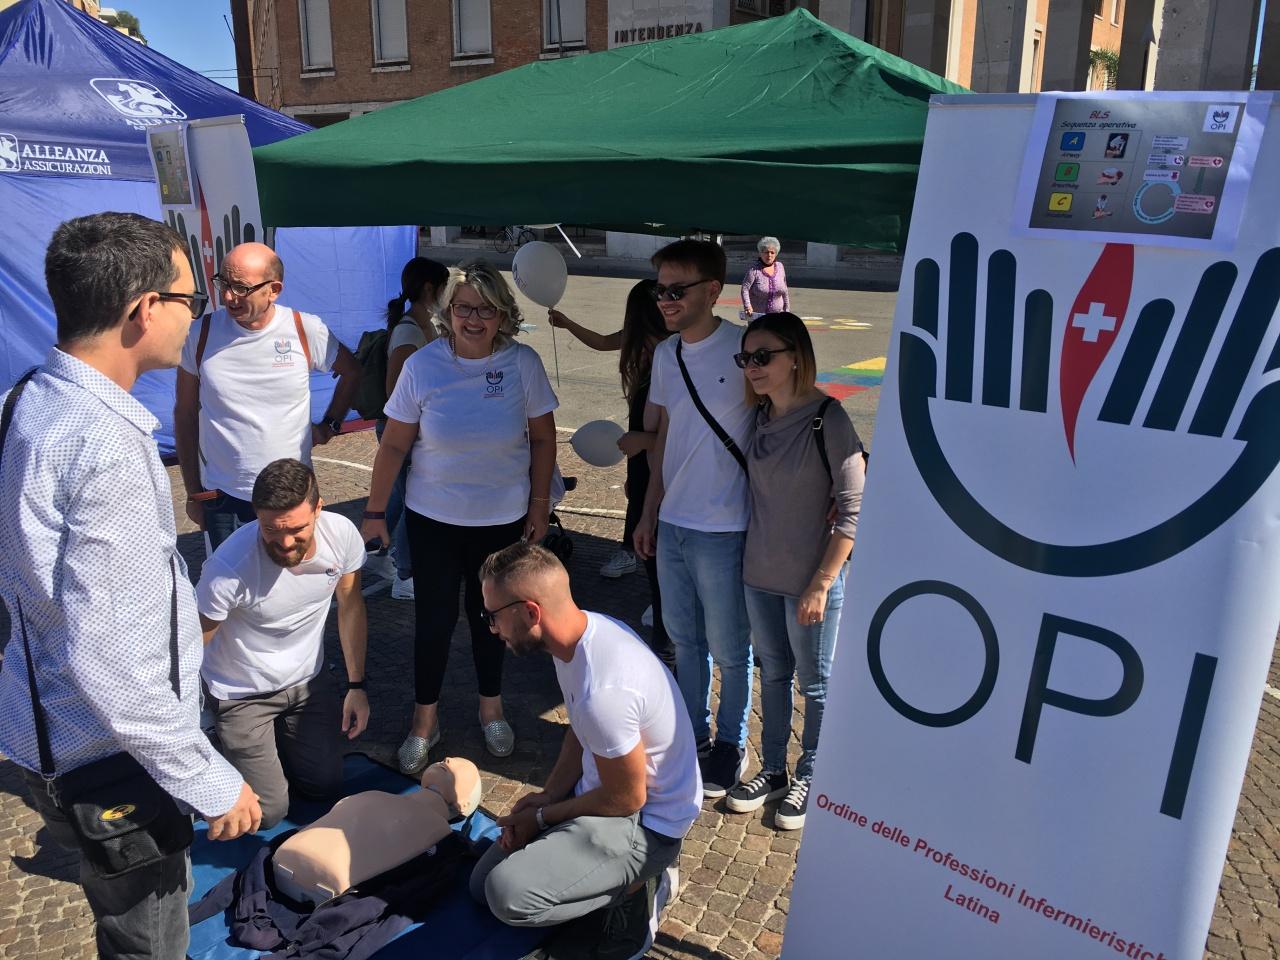 Giornata nazionale per la prevenzione cardiologica: gli infermieri di Latina in piazza per dare informazioni aicittadini